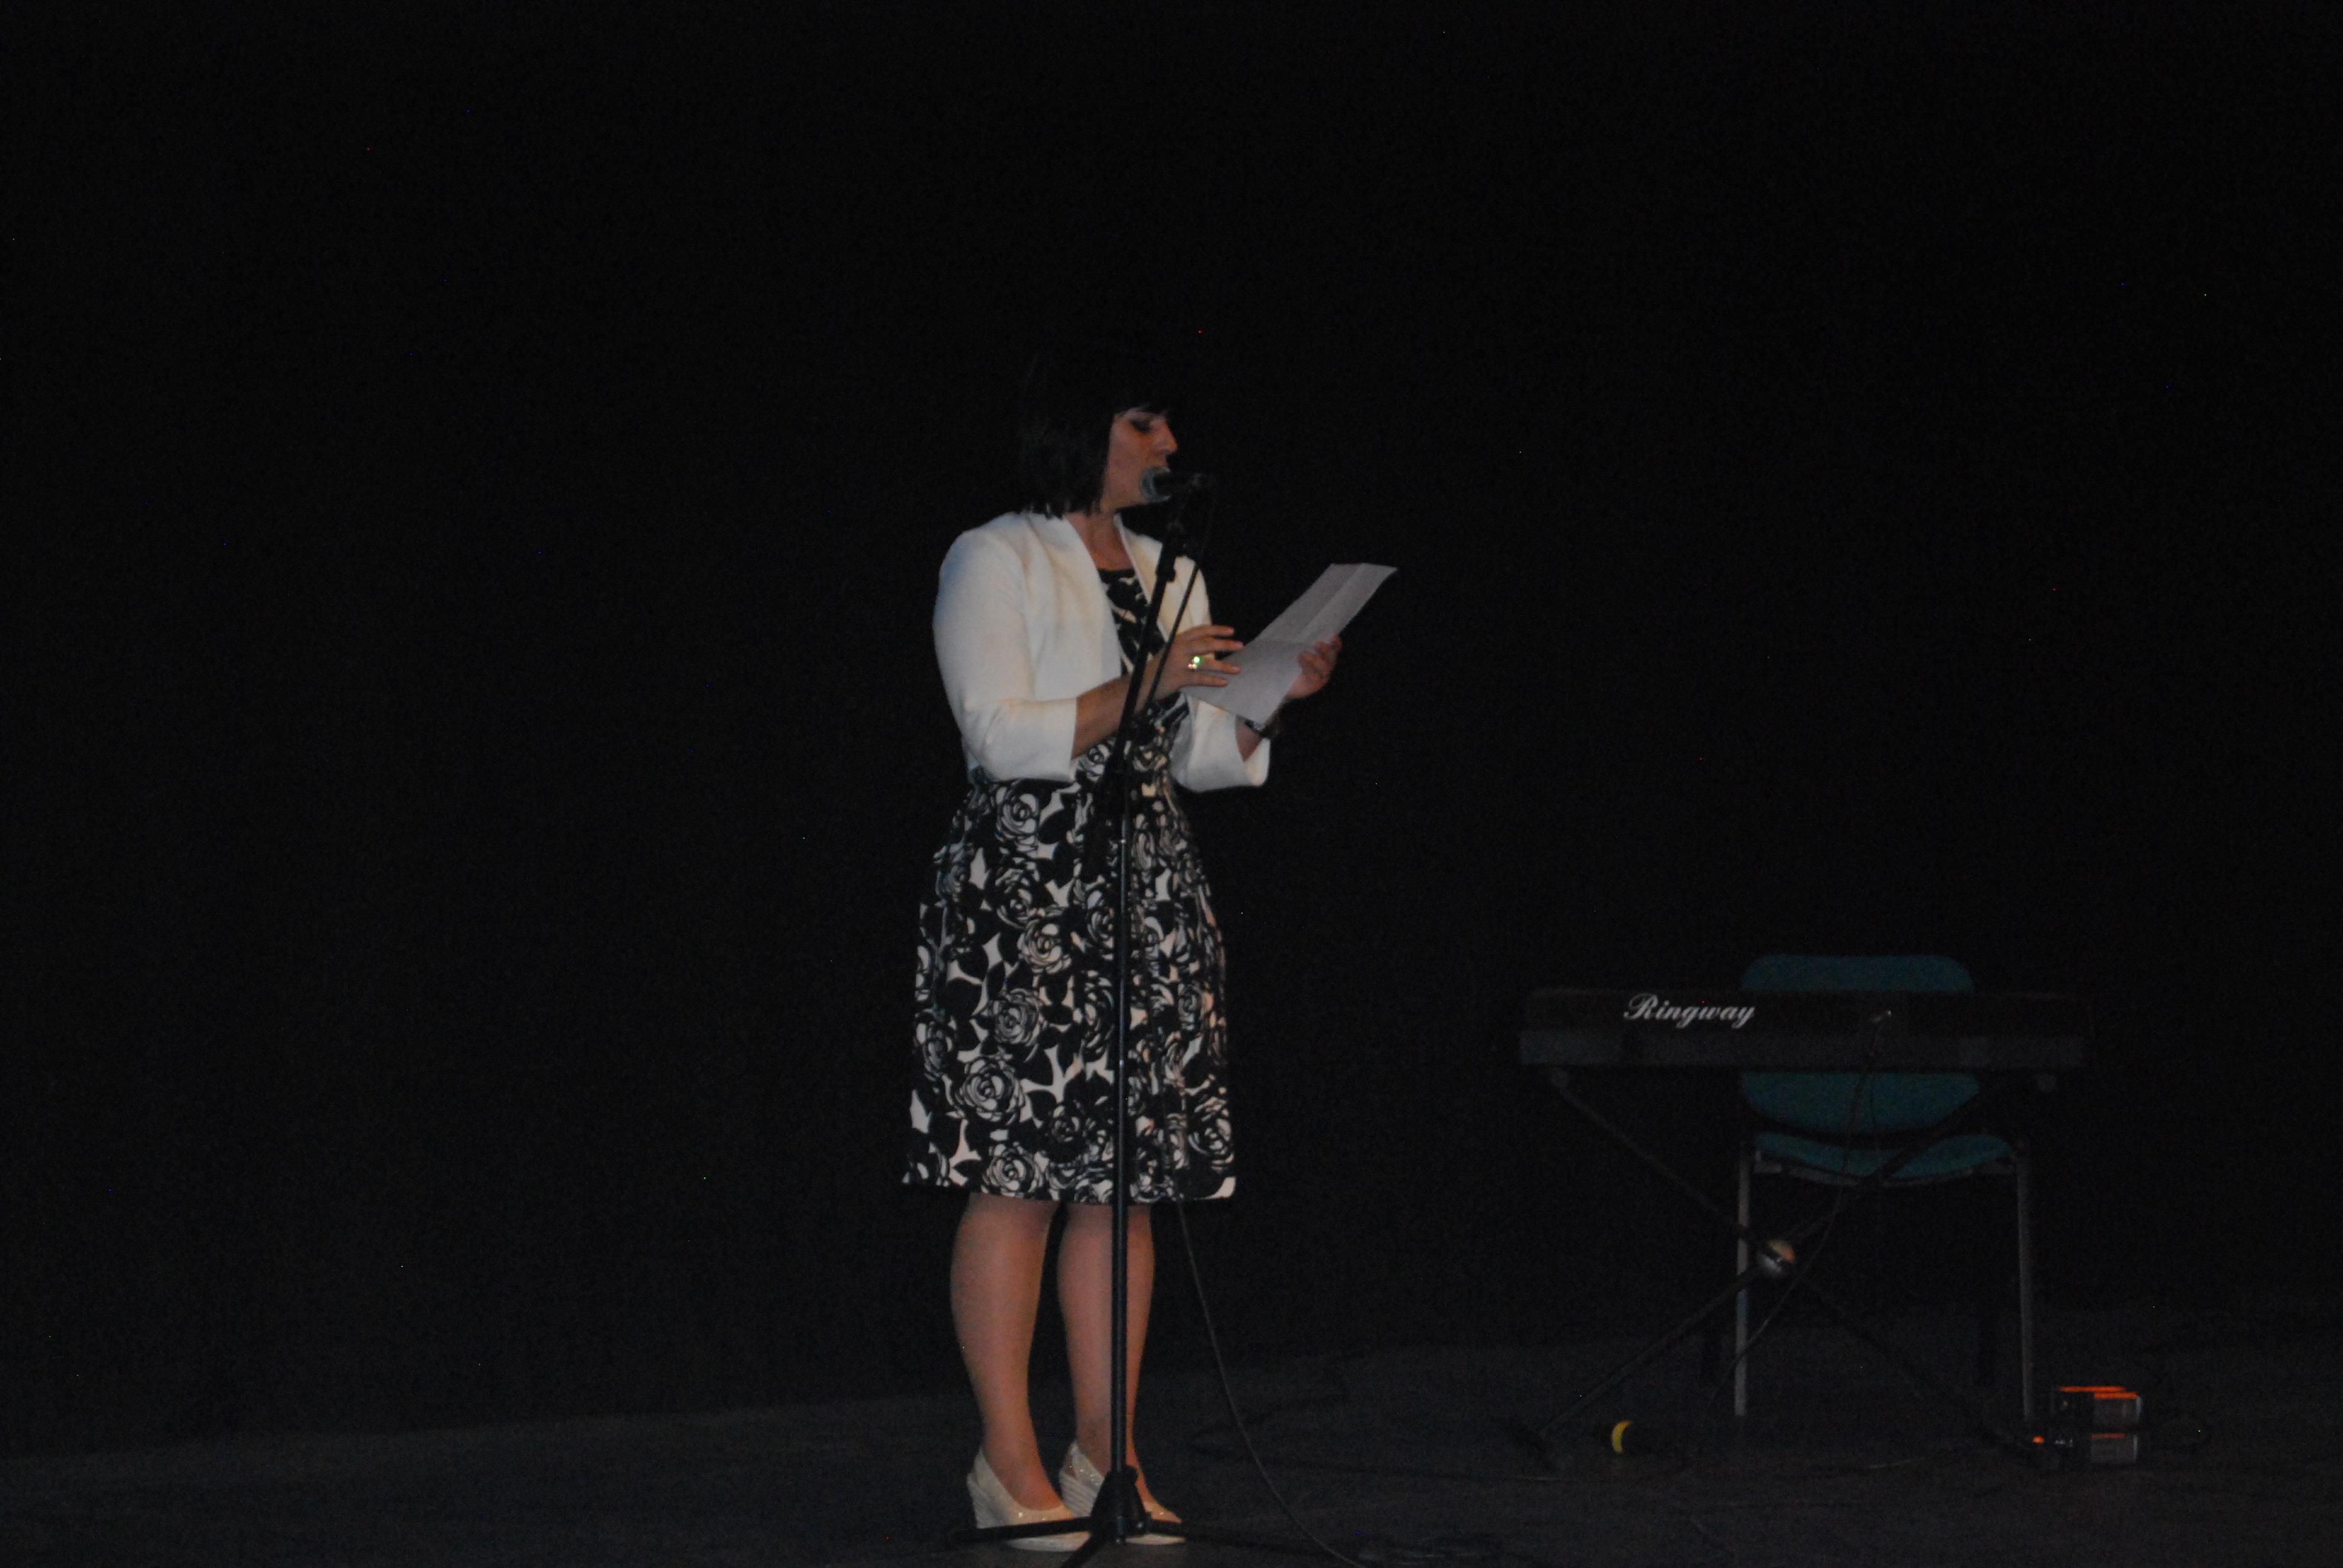 Graduación - 2º Bachillerato - Curso 2017/18 - Álbum # 5 22